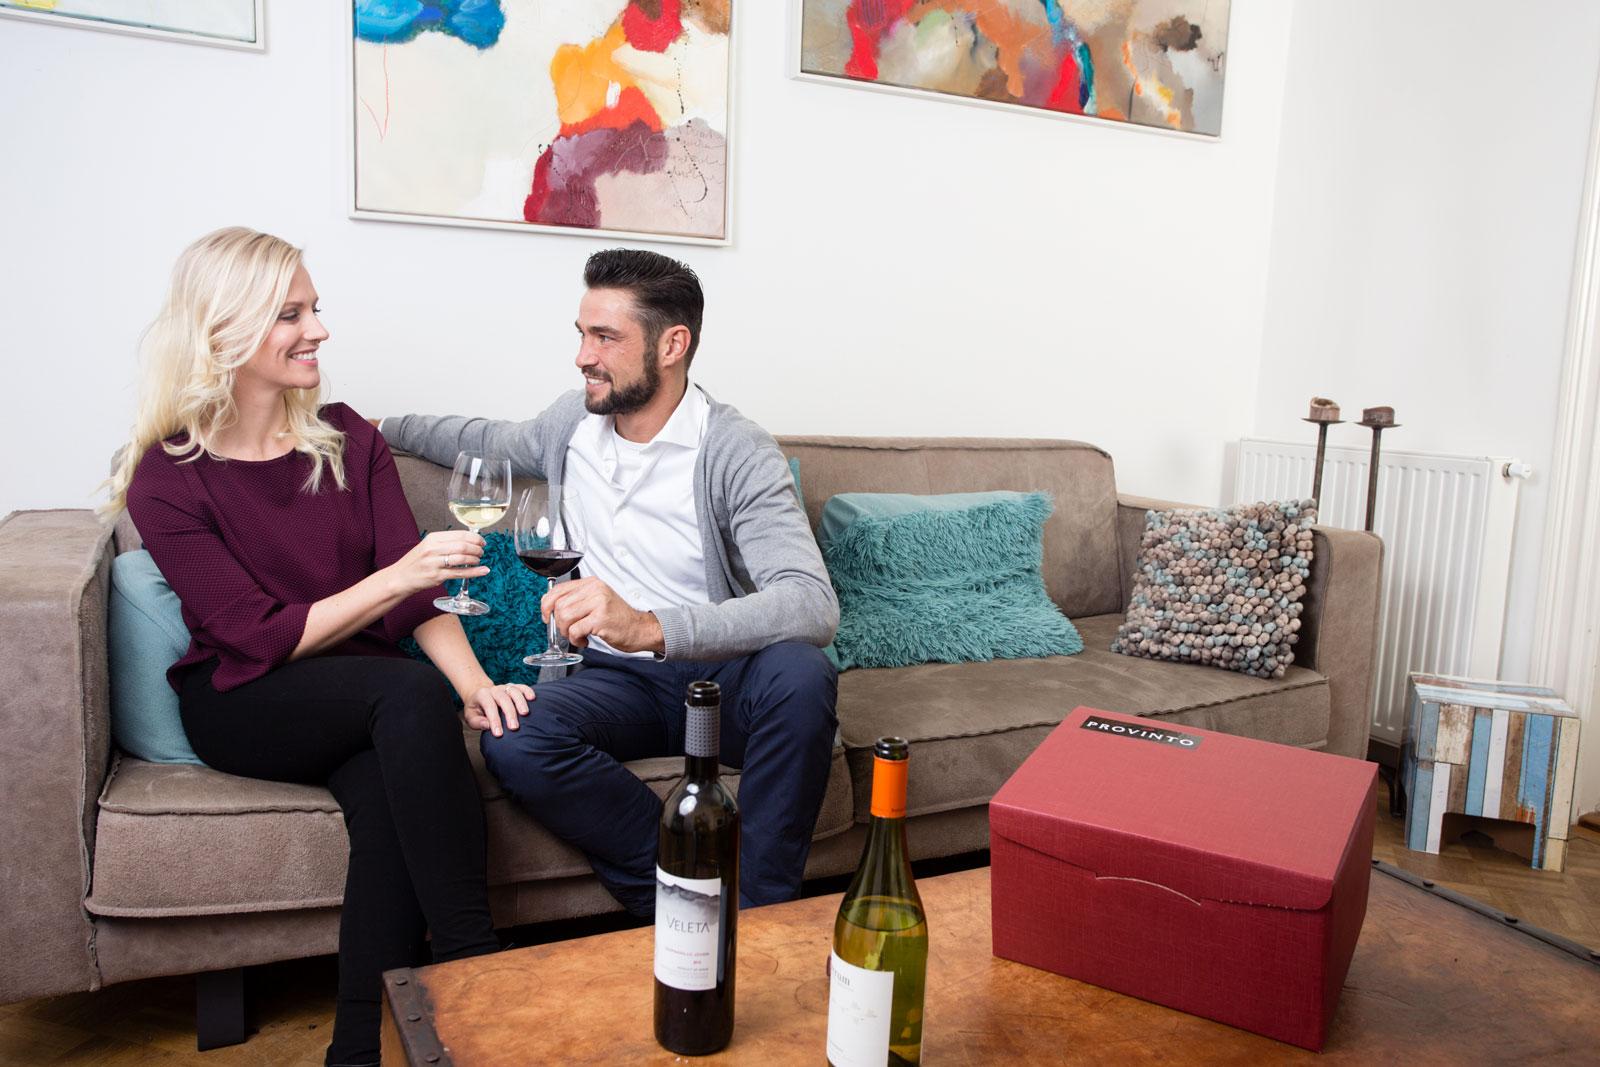 Stel proost met wijn in huiskamer Provinto